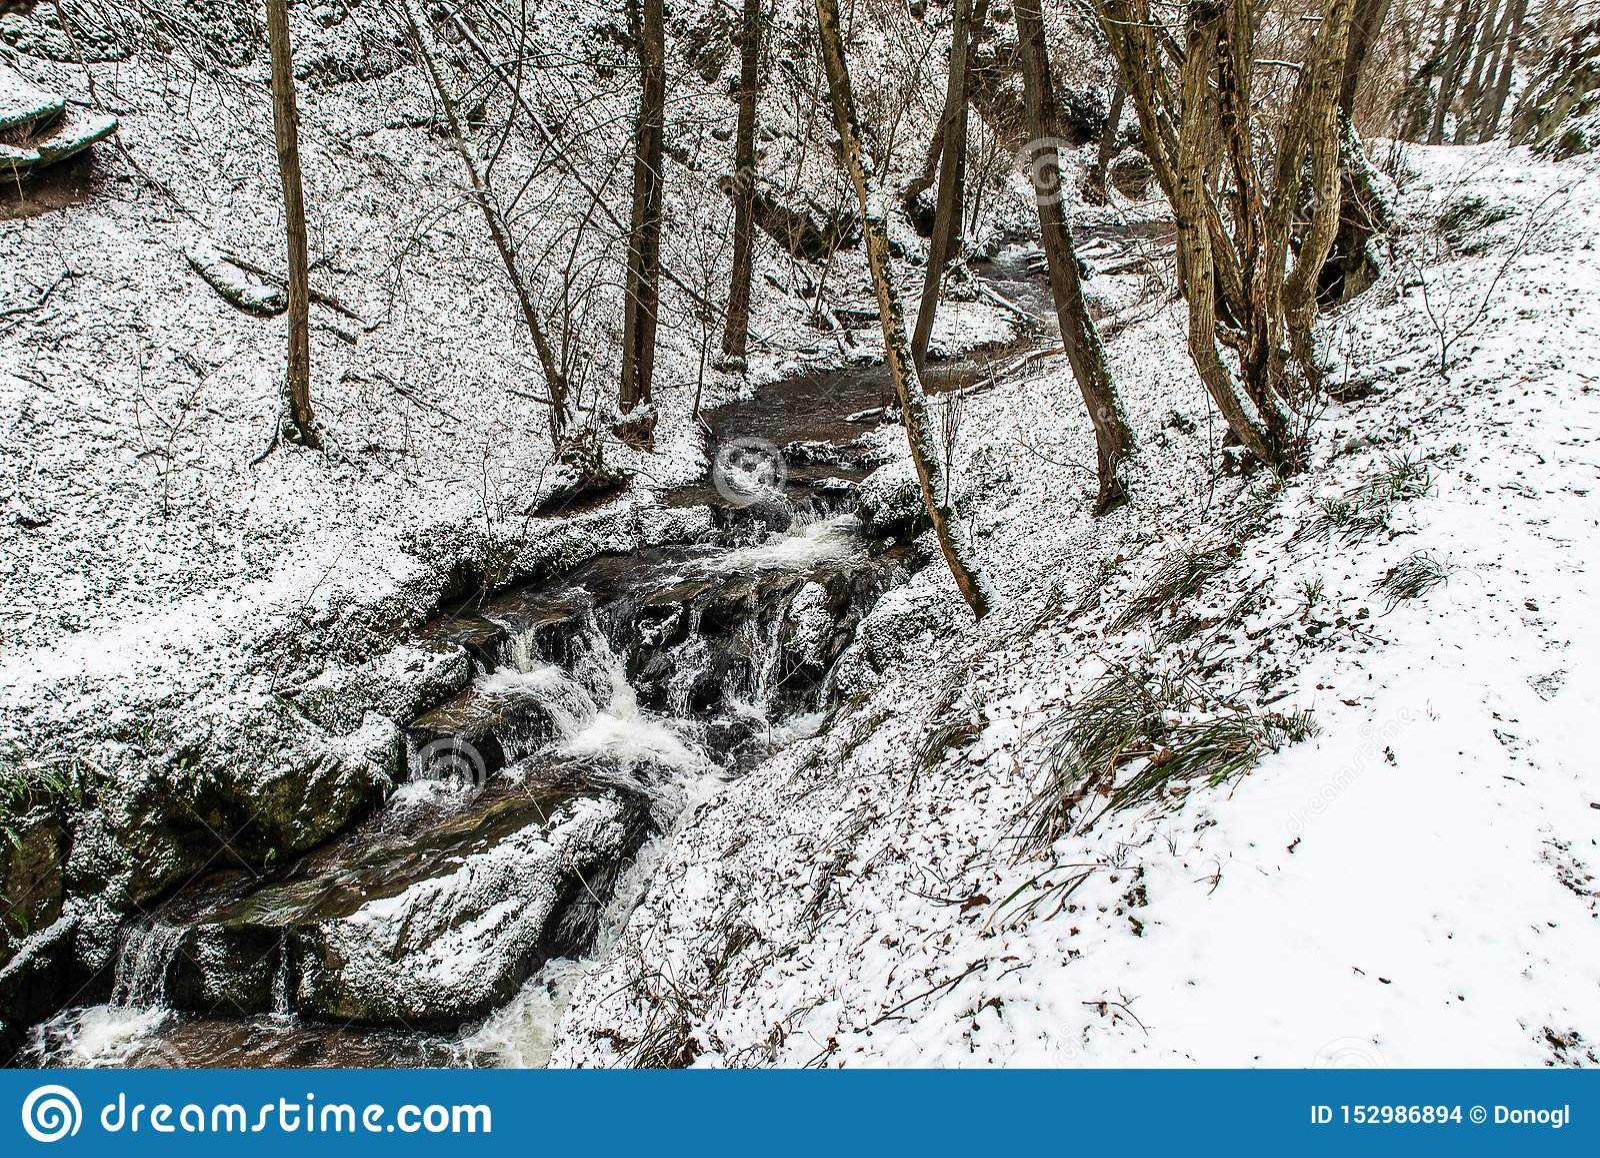 Winterlandschaft in den deutschen Bergen, schneebedeckter Wald, Bäume im Schnee, Winternebenfluß, Wasserfall, Natur nahe brodenba